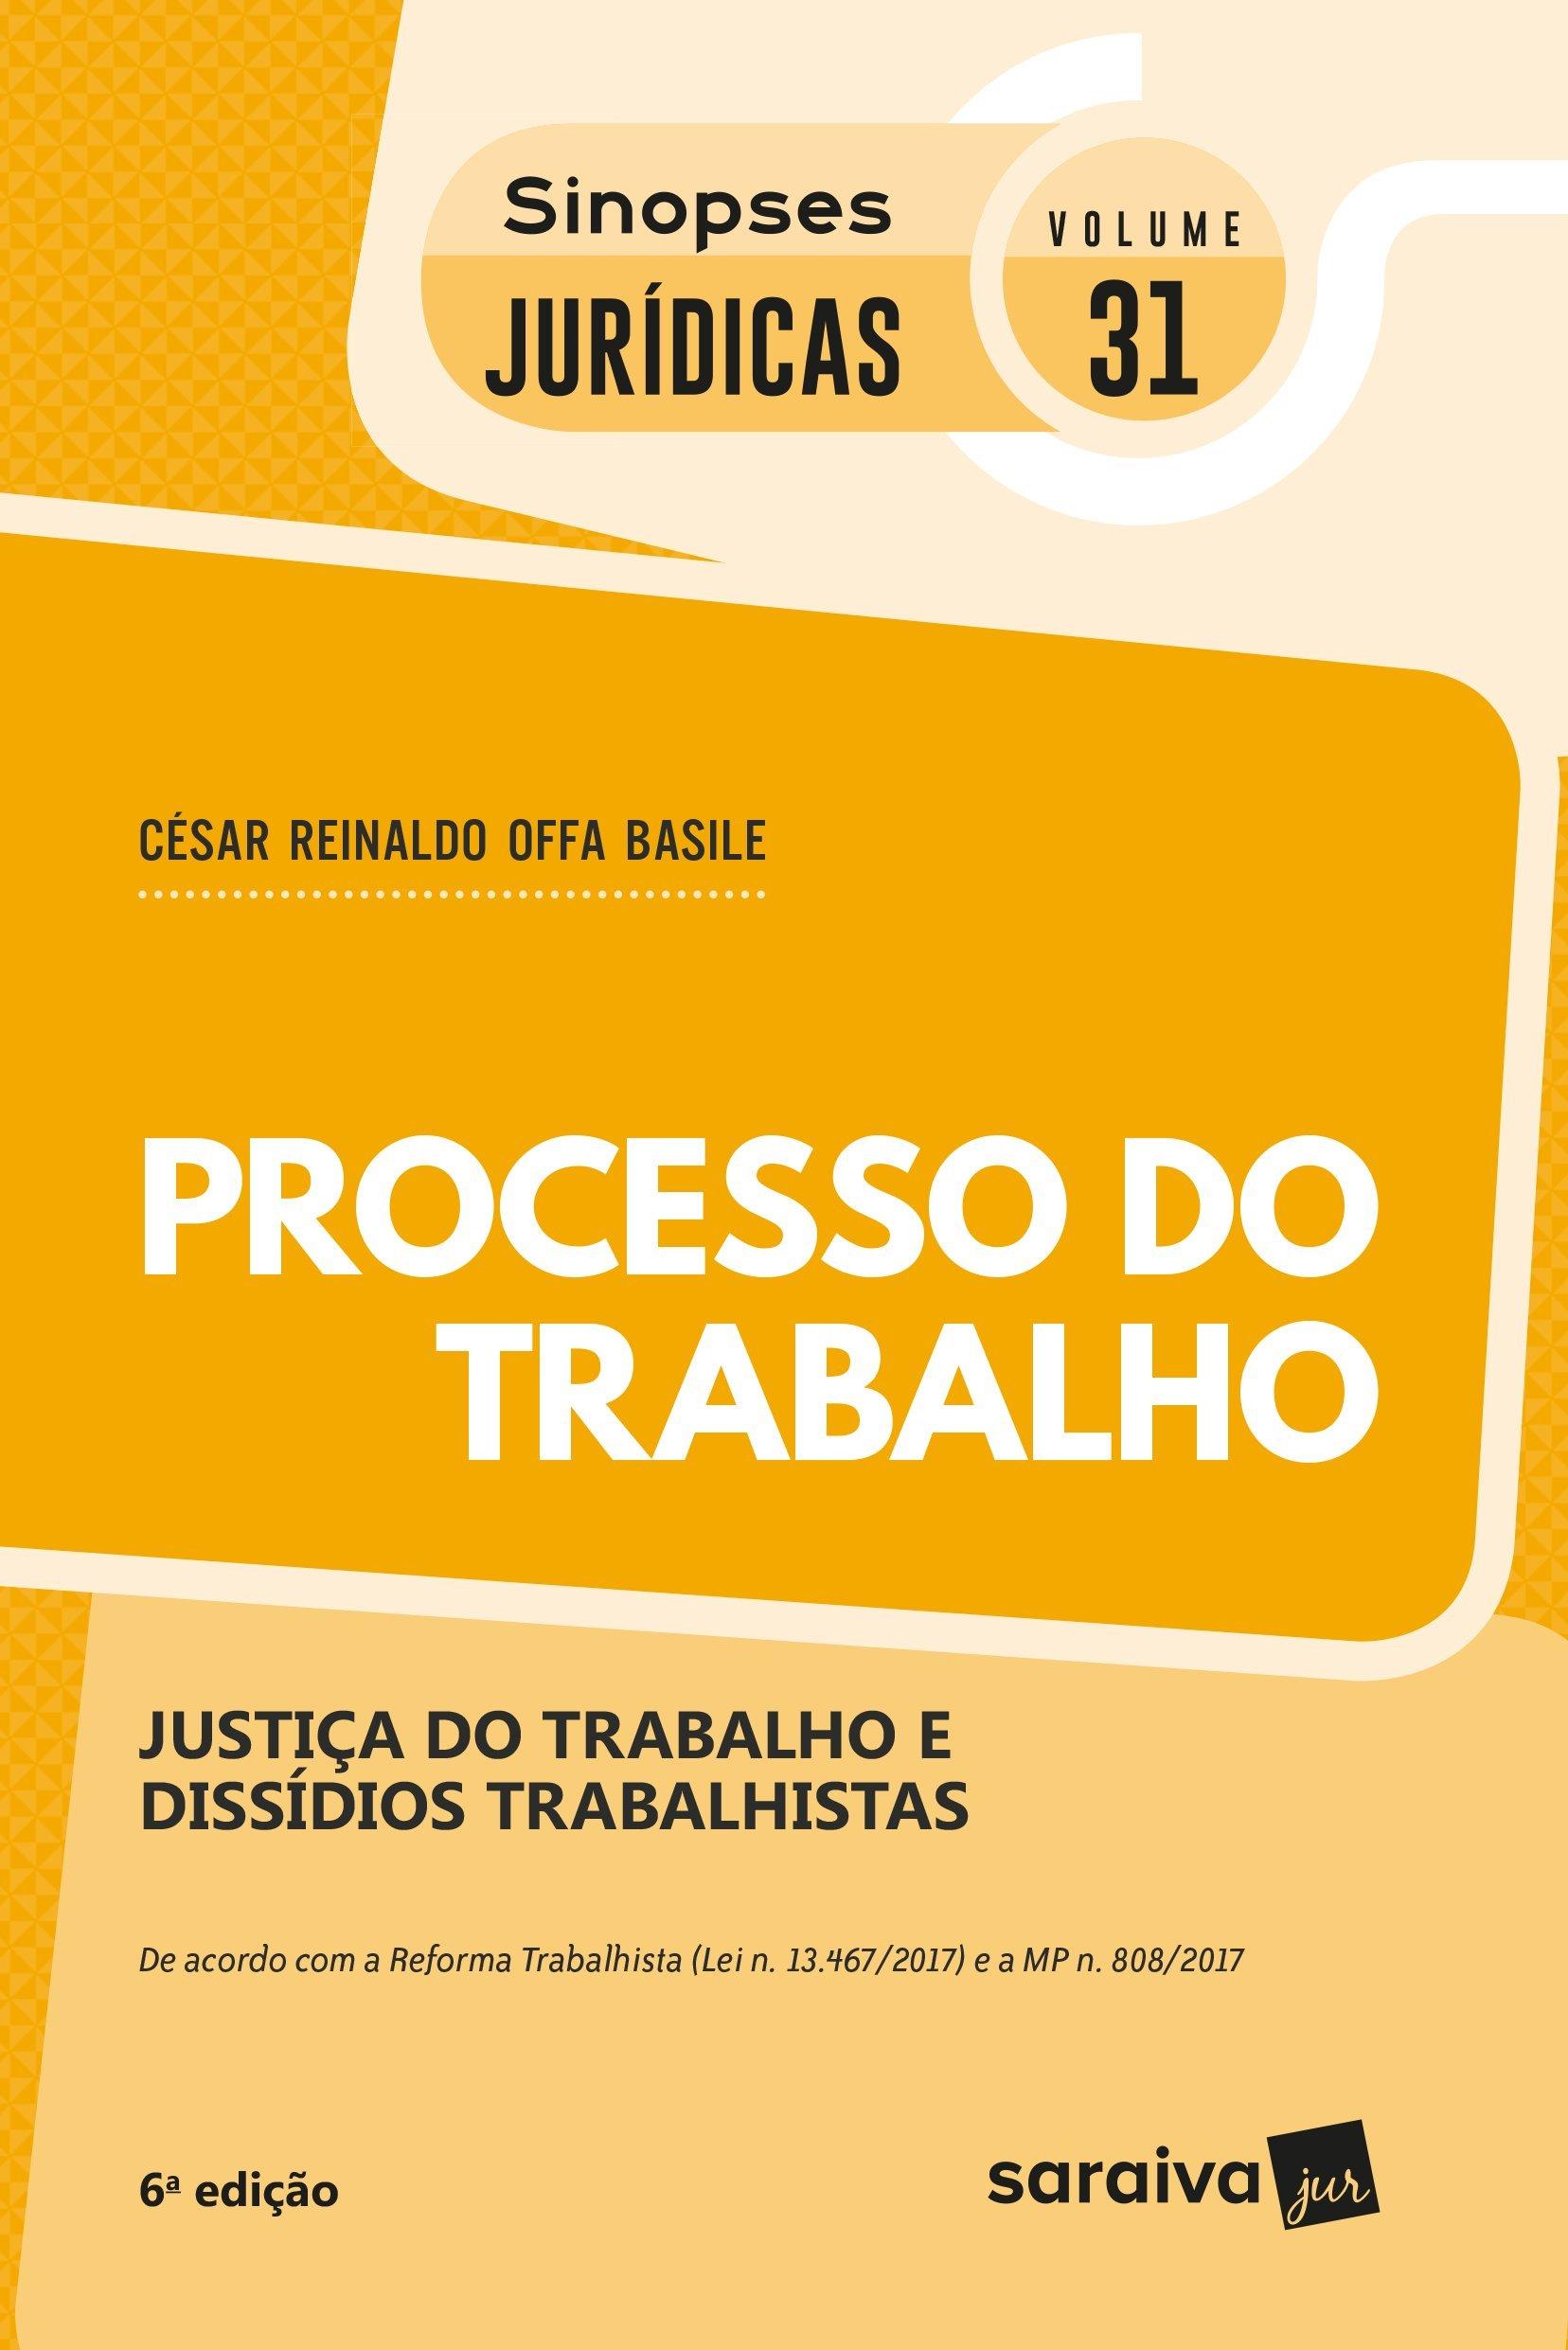 Download Processo do Trabalho - Coleção Sinopses Jurídicas 31 ebook